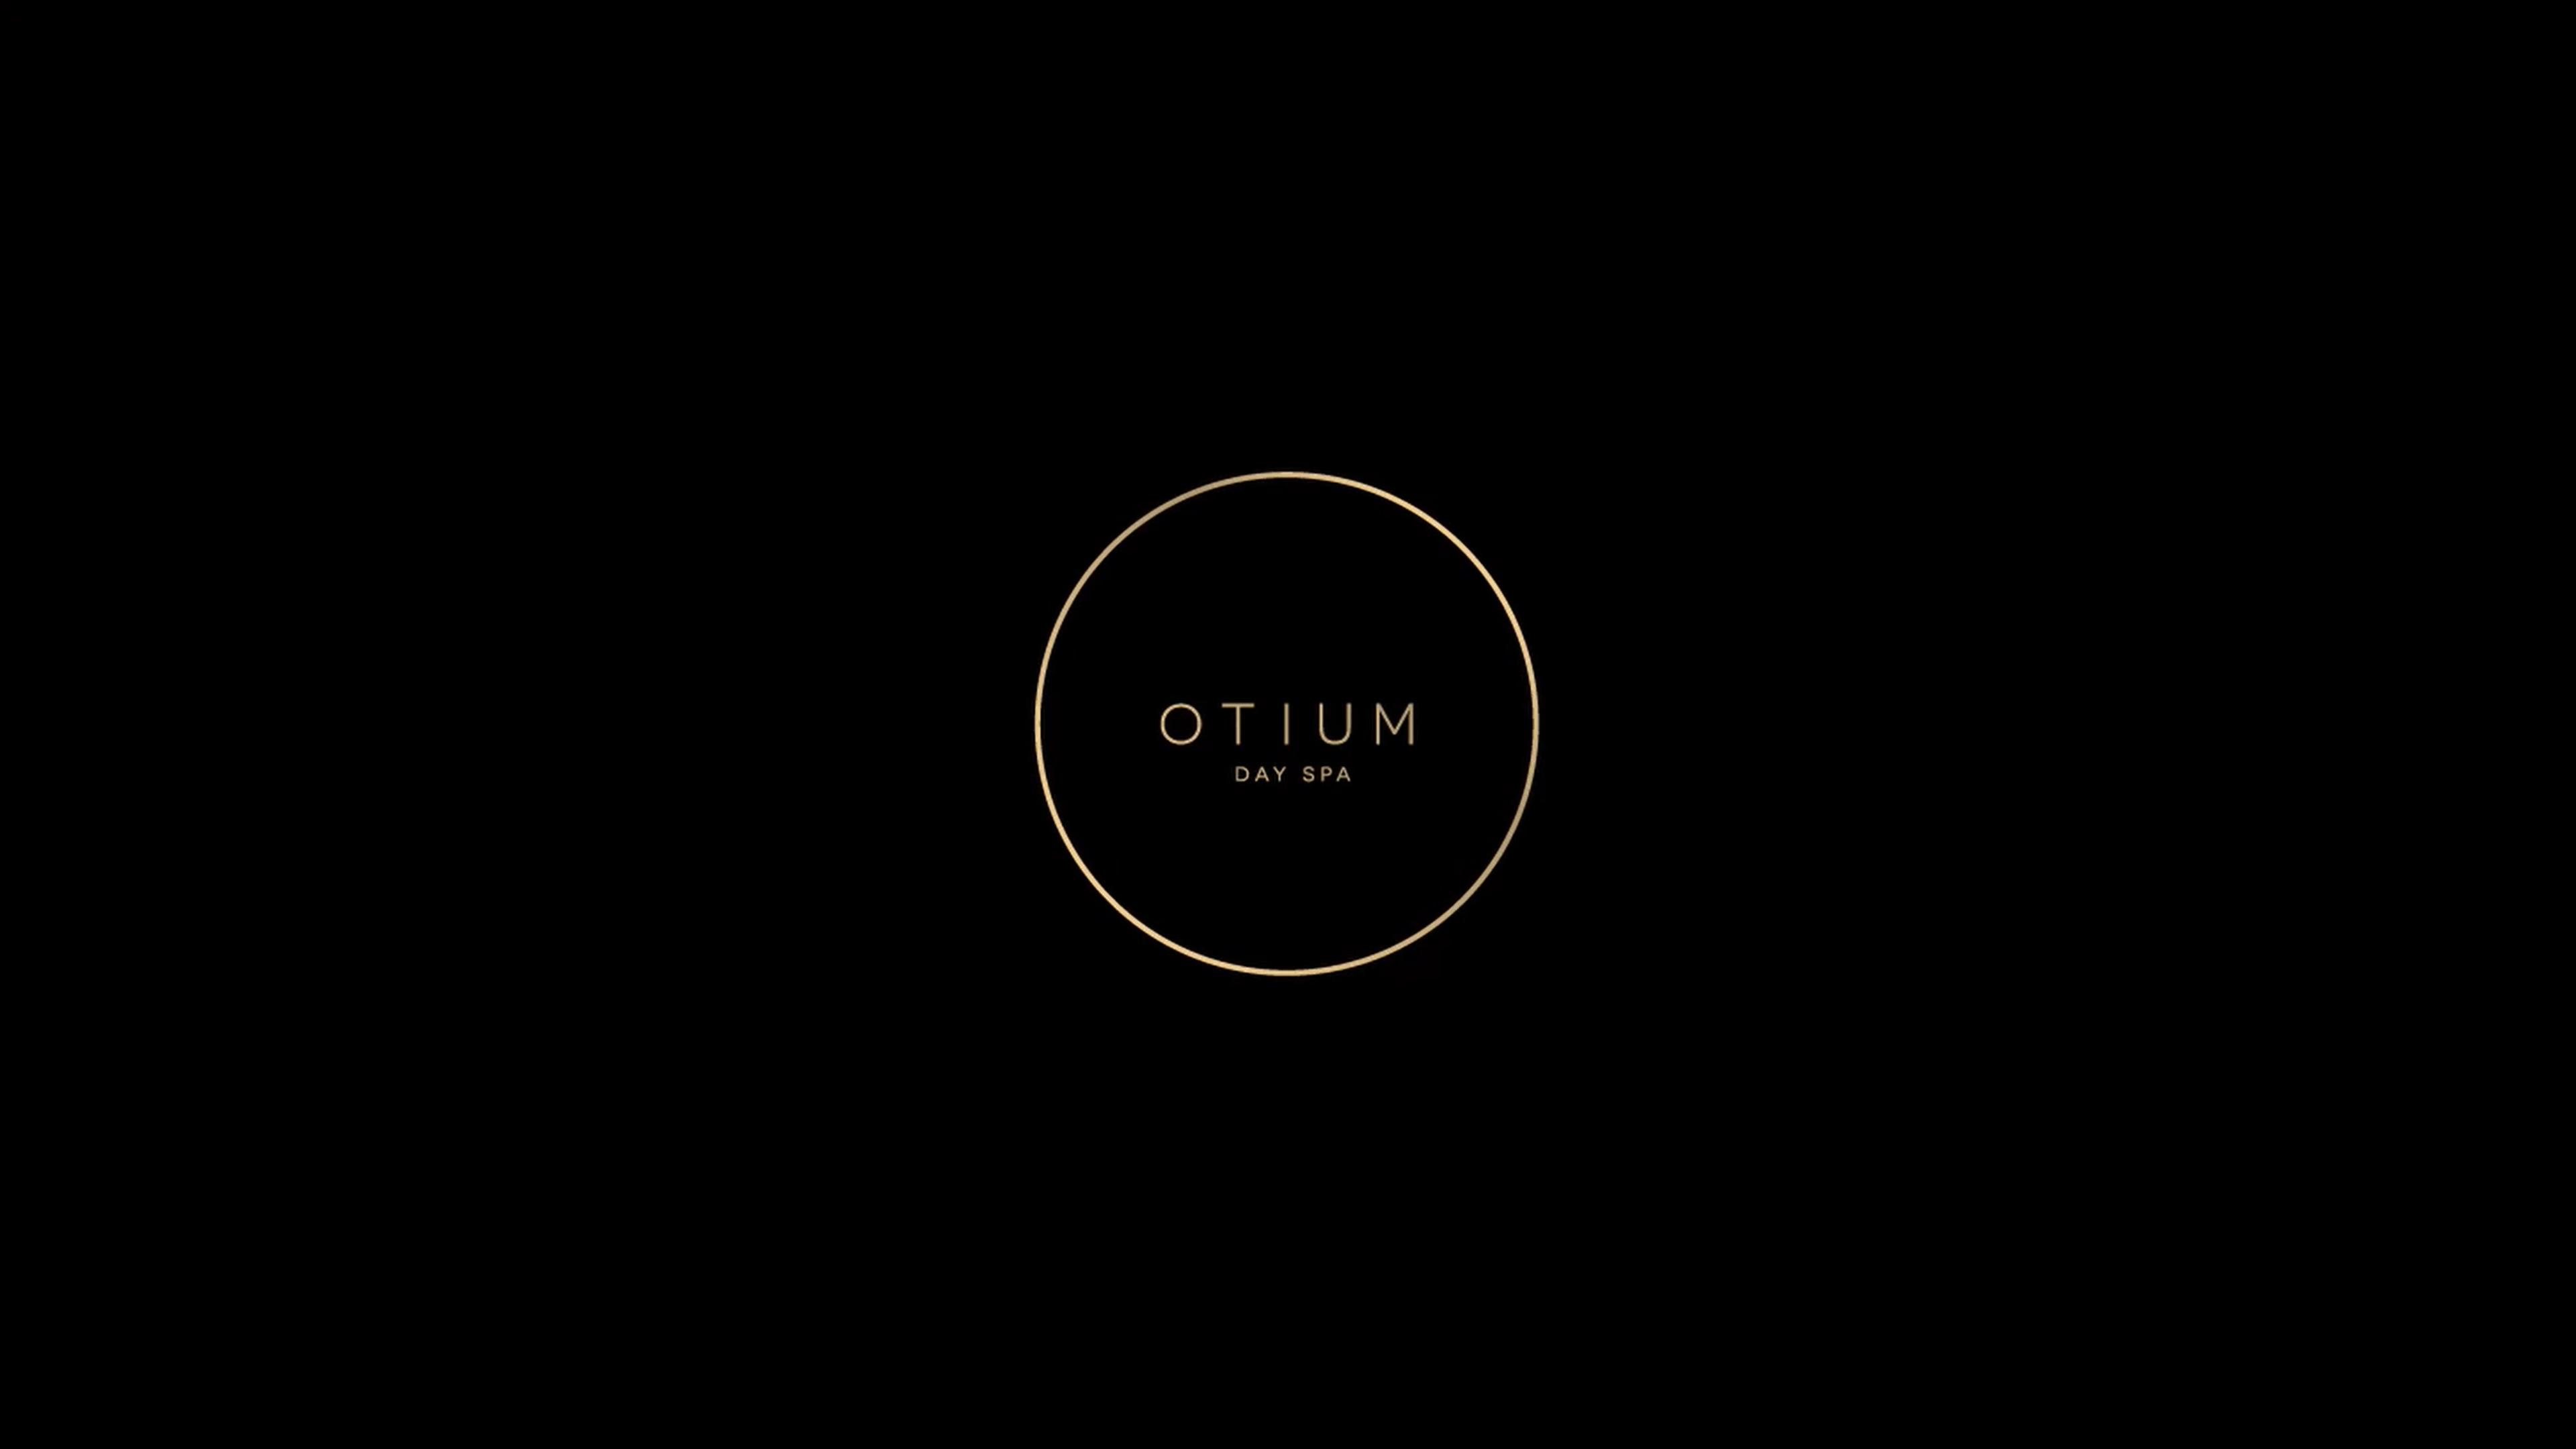 Otium SPA – Opening